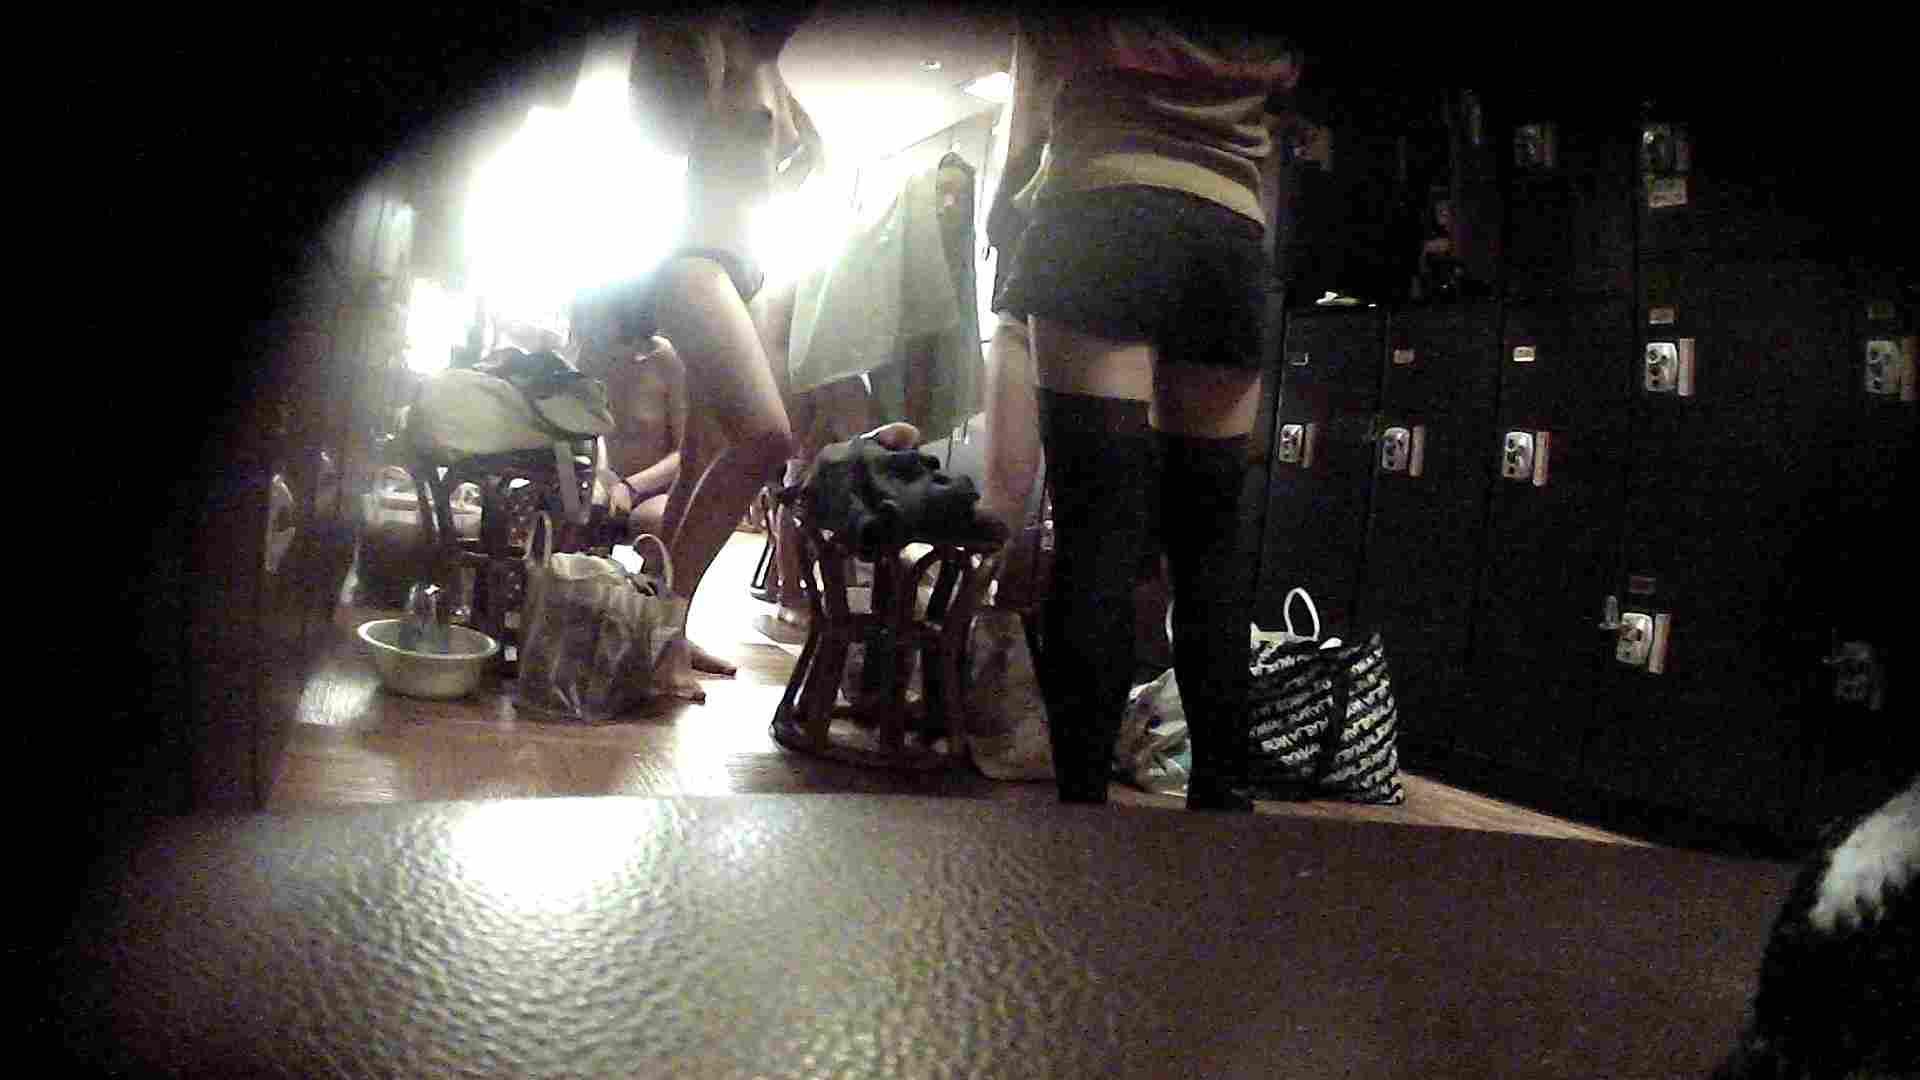 オムニバスVol.5 脱衣所のイケイケギャルがお勧め ギャル盗撮映像 | OLのボディ  97PIX 86